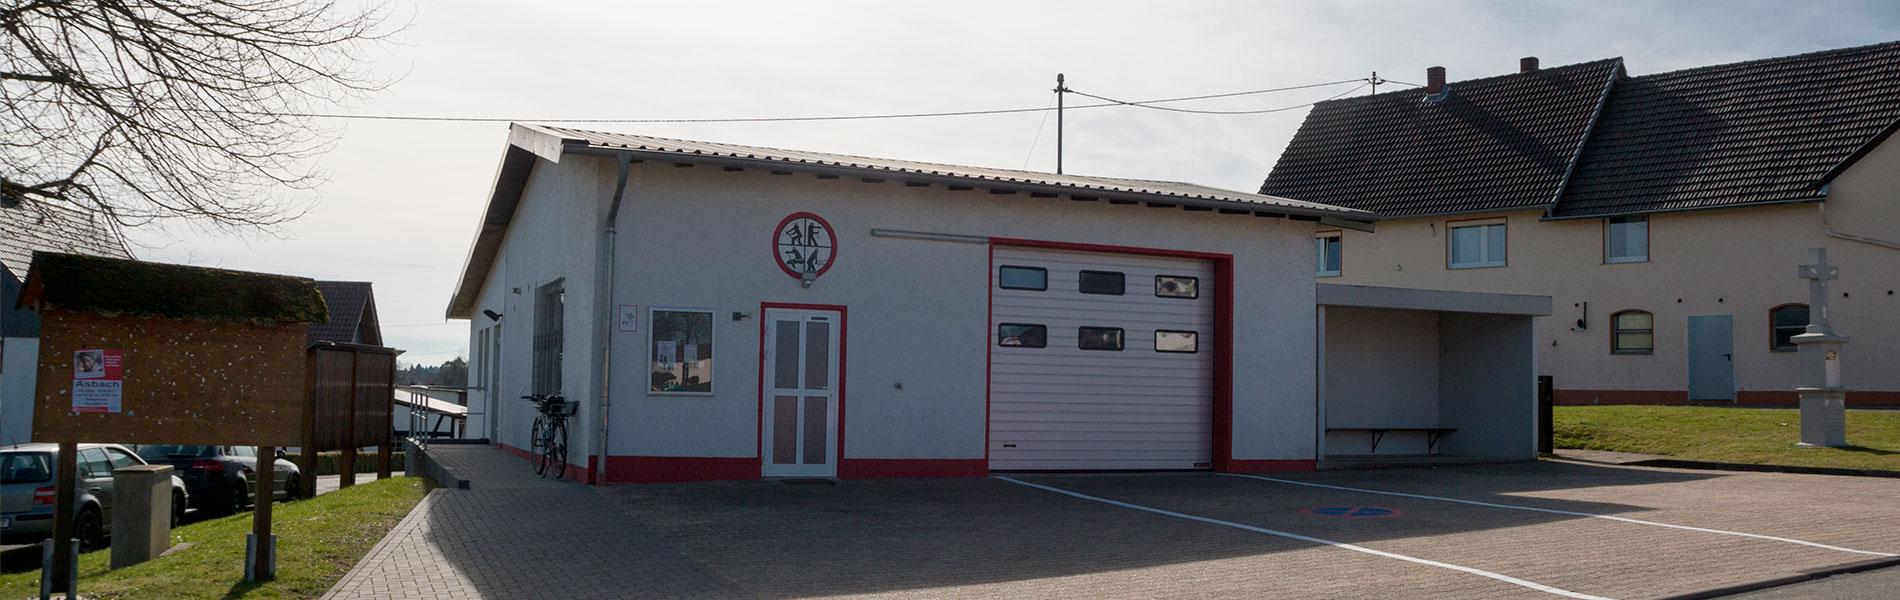 Feuerwehr-Altenhofen_Geraetehaus_VG-Asbach